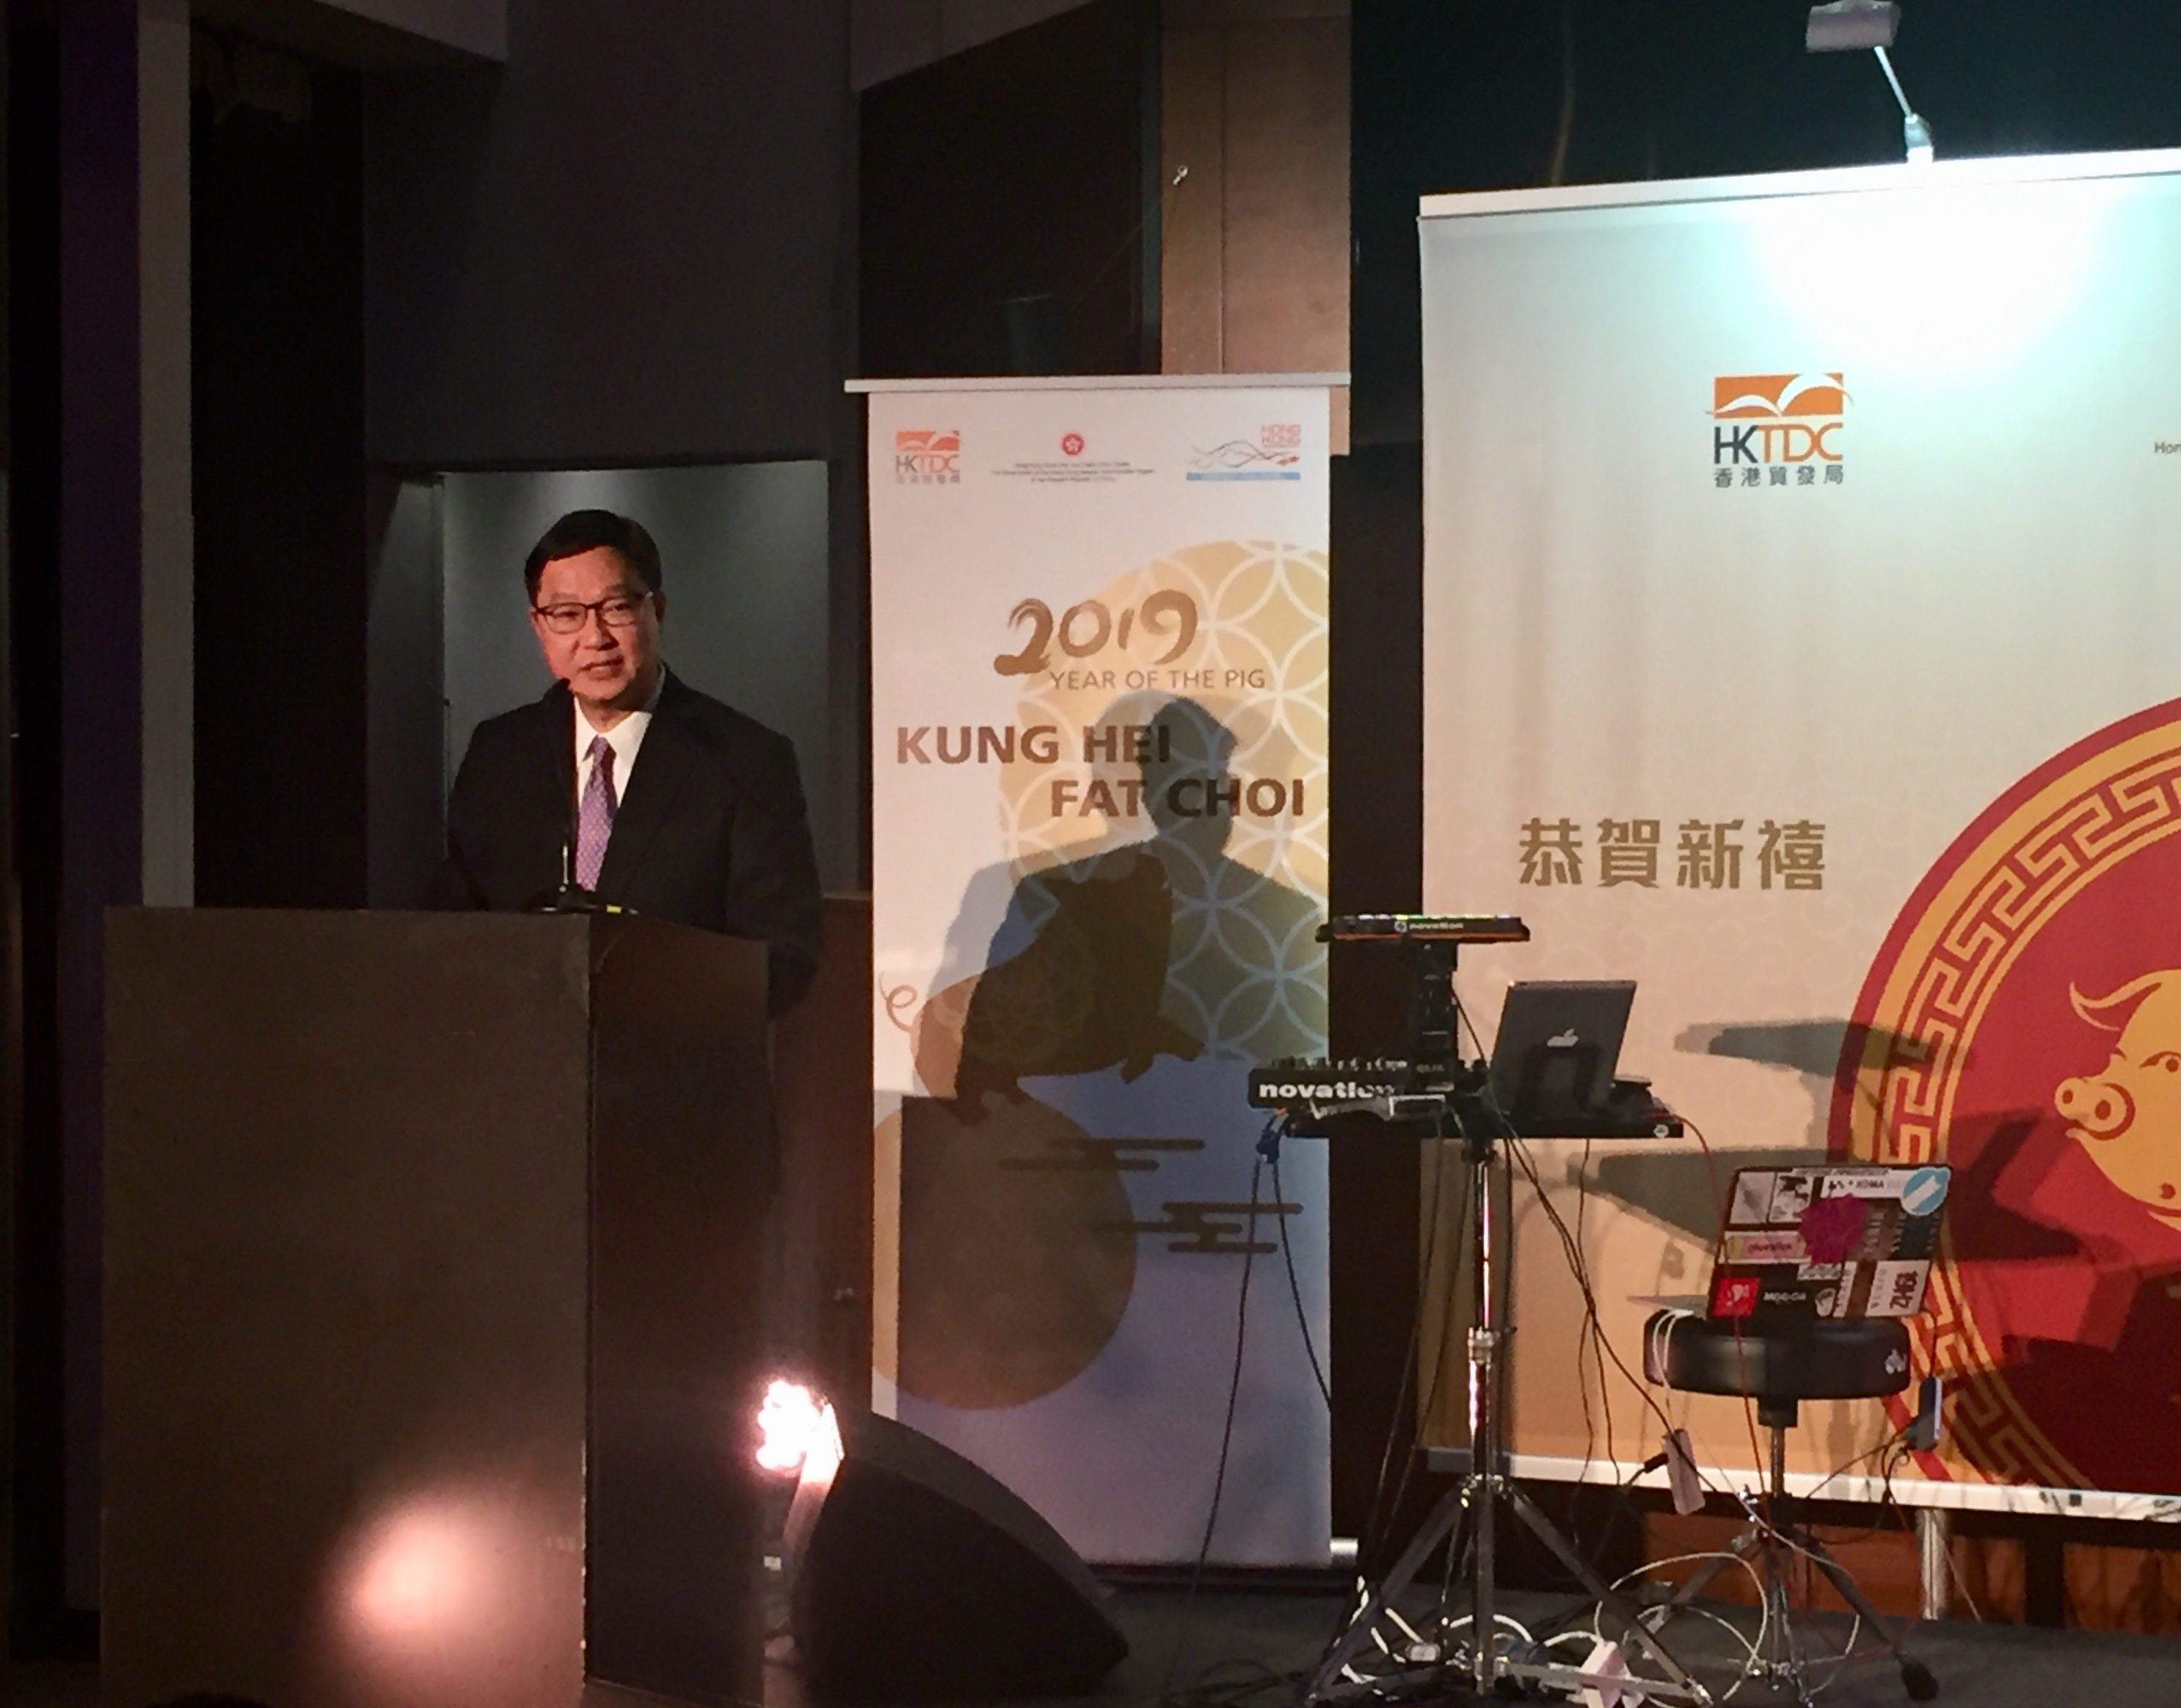 Direktor Chui bei der Begrüßung